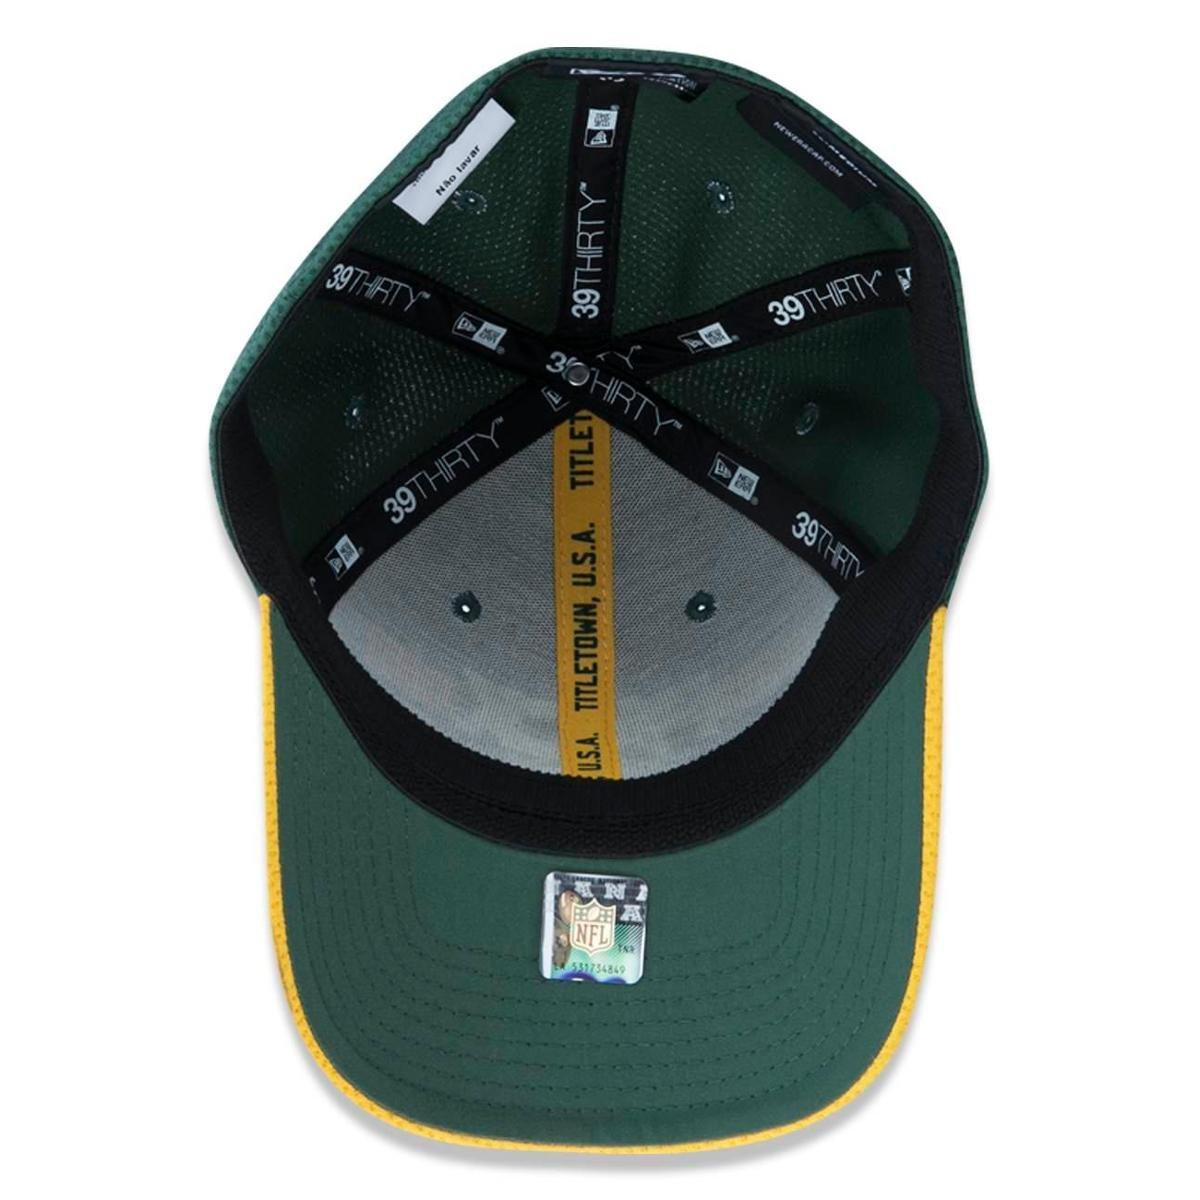 Boné 3930 Green Bay Packers NFL Aba Curva New Era - Verde - Compre ... 97bd8c5a1ec